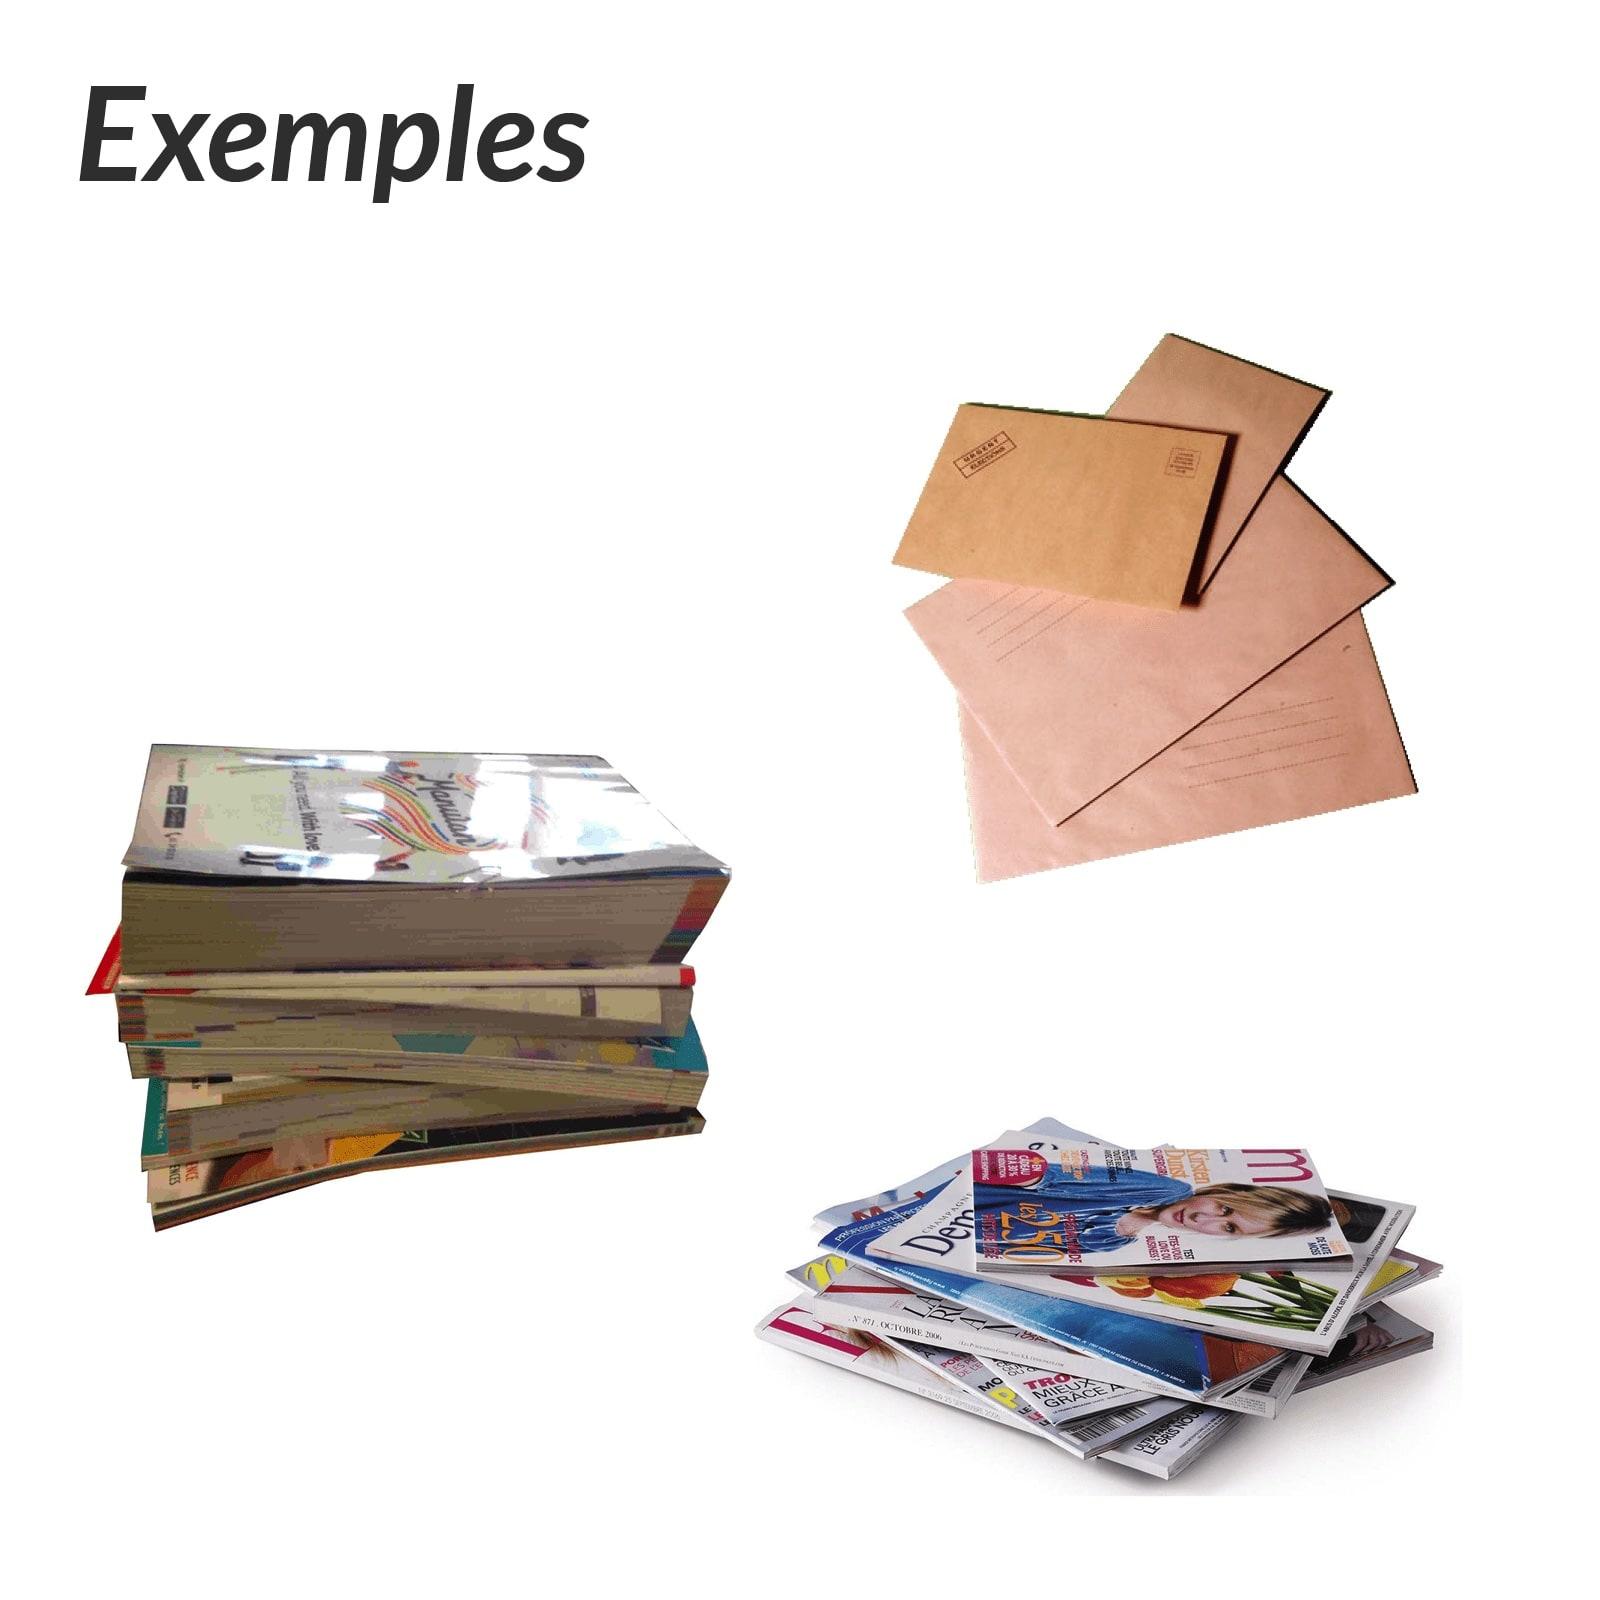 Papier Le tri des emballages recyclables SMICOTOM 33